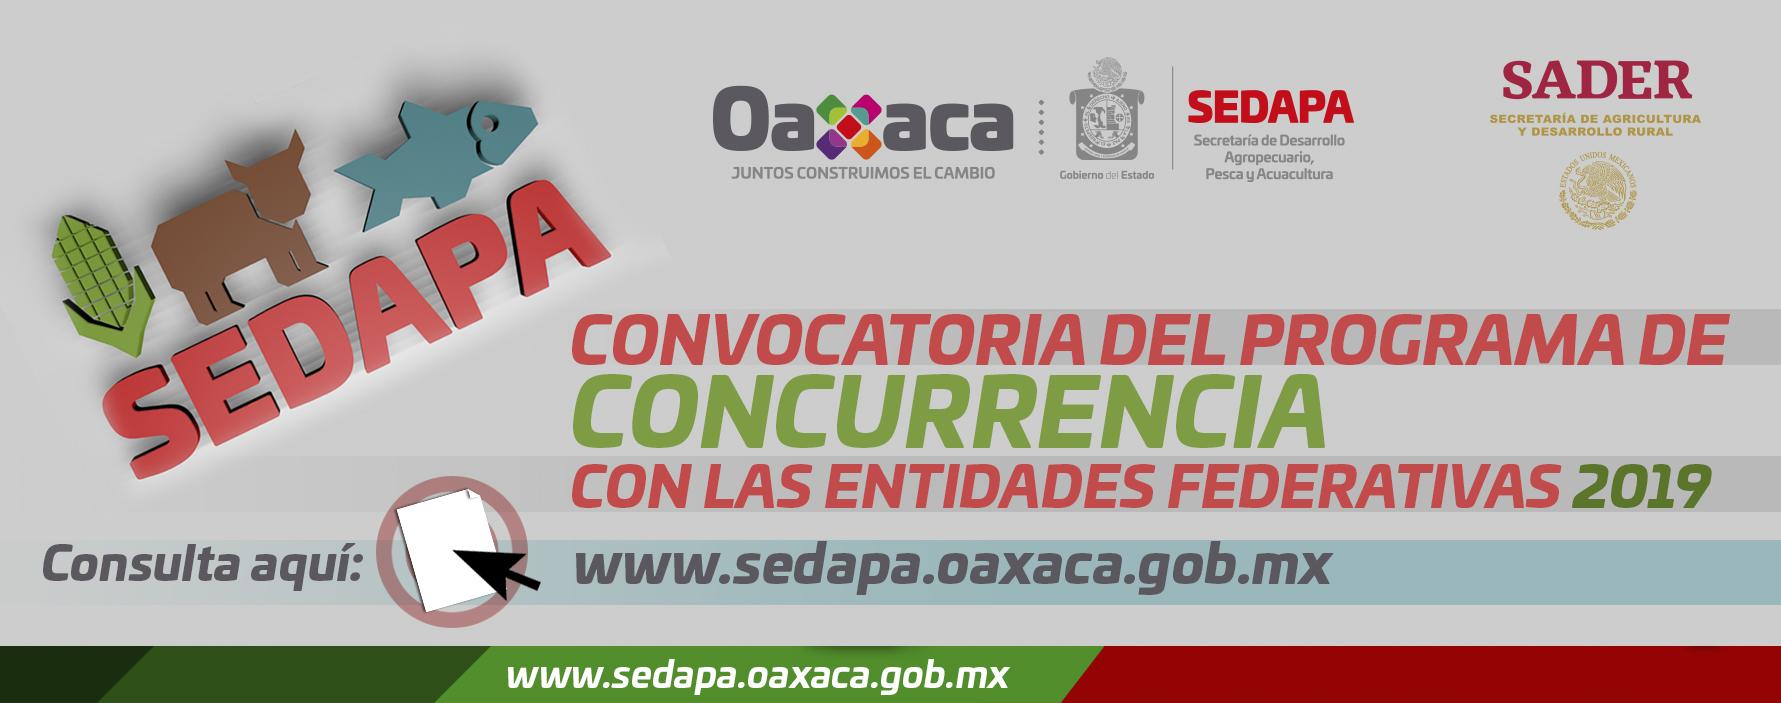 Convocatoria del Programa de Concurrencia con las Entidades Federativas 2019 y Formatos